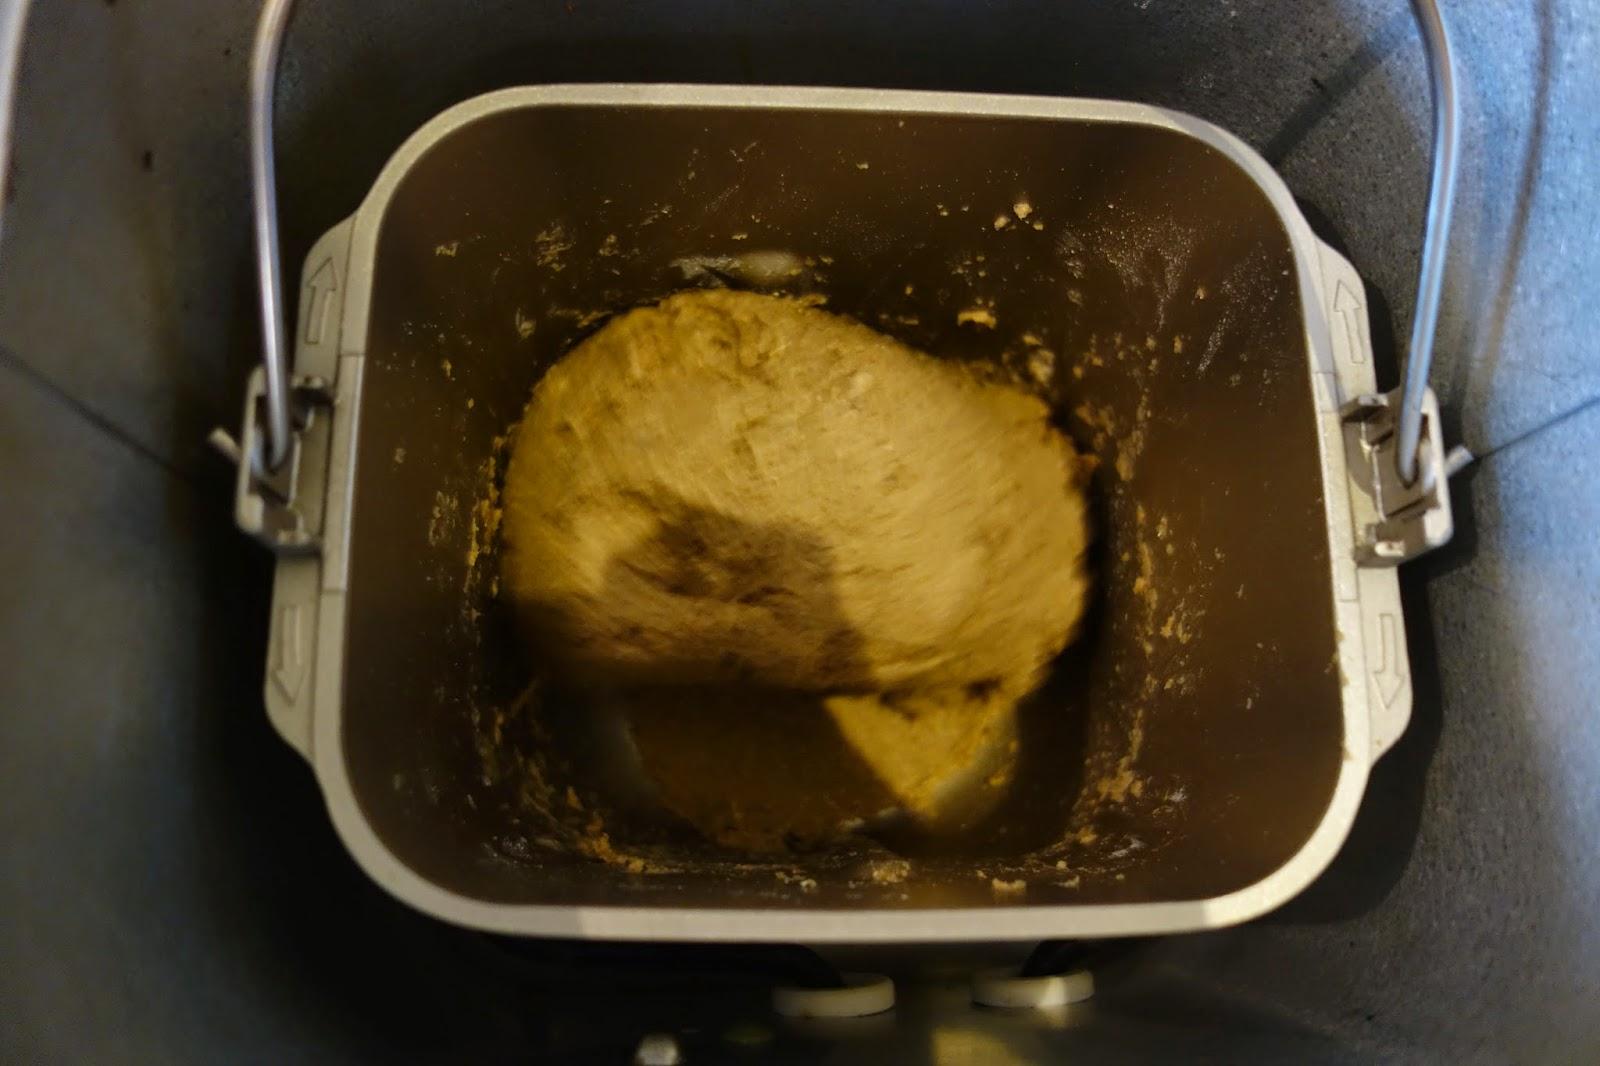 家庭用パン焼き器 HB で作った低糖質パン 糖質制限ダイエットにどうぞ  ホームベーカリー(パナソニックSD-BH105 HB)で焼きました 低糖質 糖質制限 ダイエット メニュー 作り方 レシピ  パン焼き機 全粒粉 低糖類 ラカント パルスウィート バイタミックス ミキサー 乾燥大豆 大豆粉 卵 たまご  砂糖を使わない 簡単 グルテン 少な目 ふすま 衾 ブラン ラカンカット バター